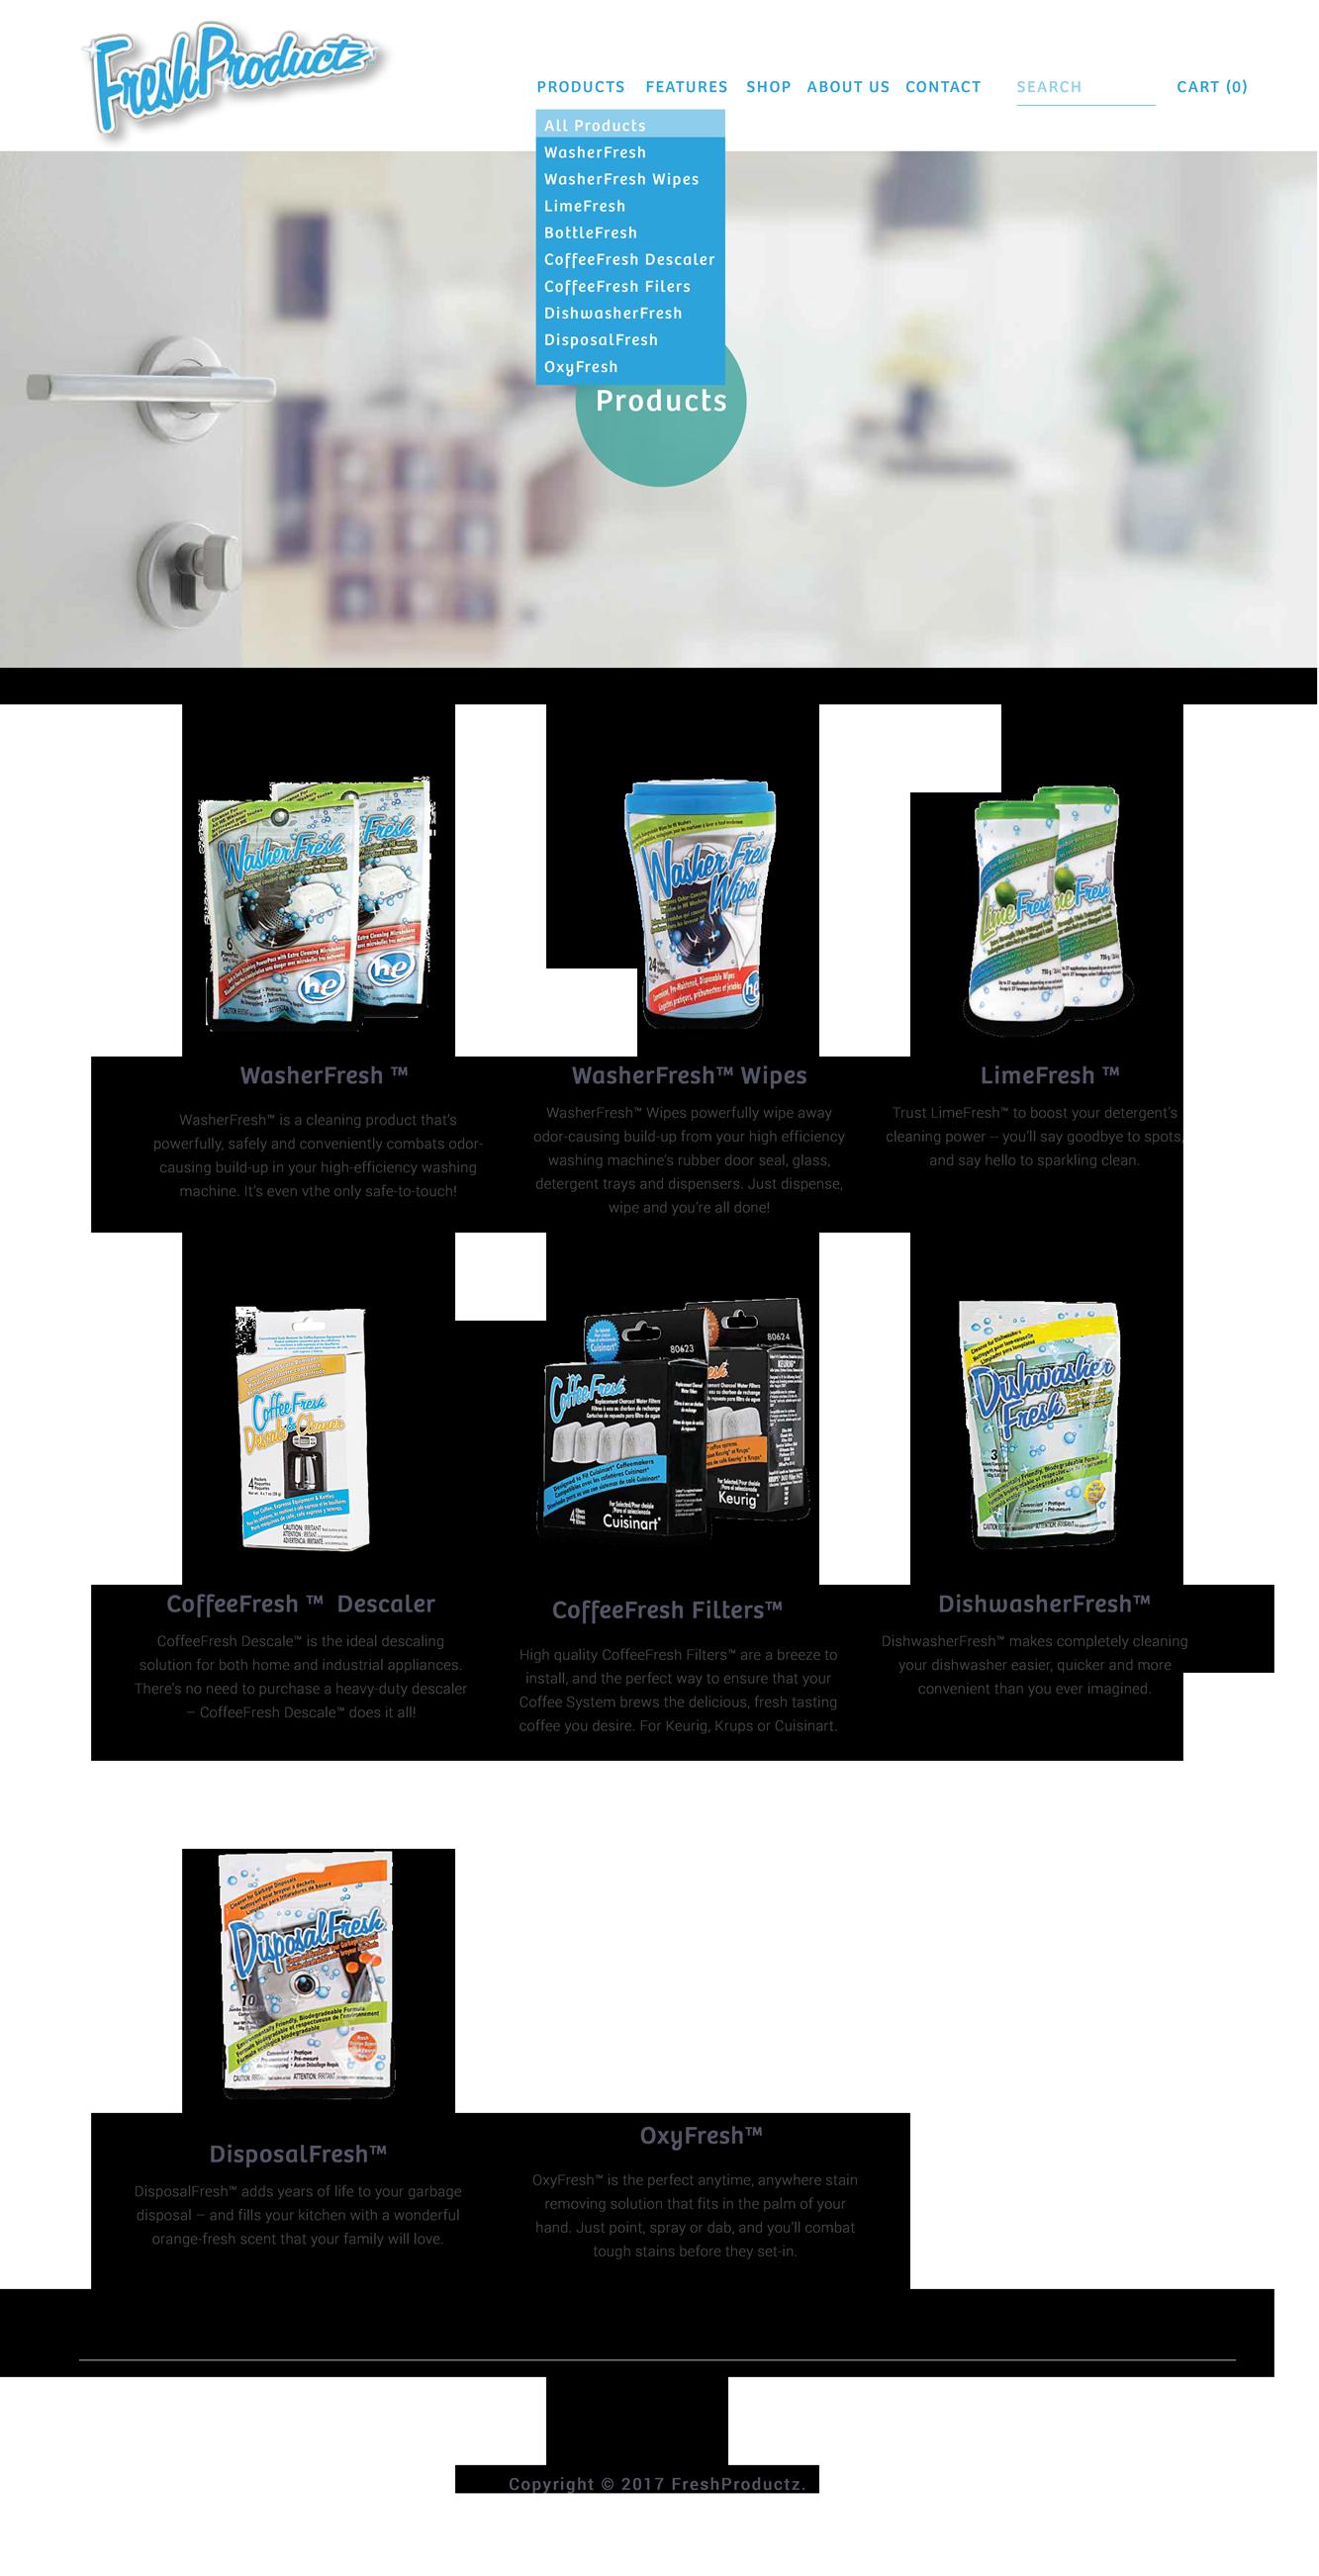 FreshProductz WebUX